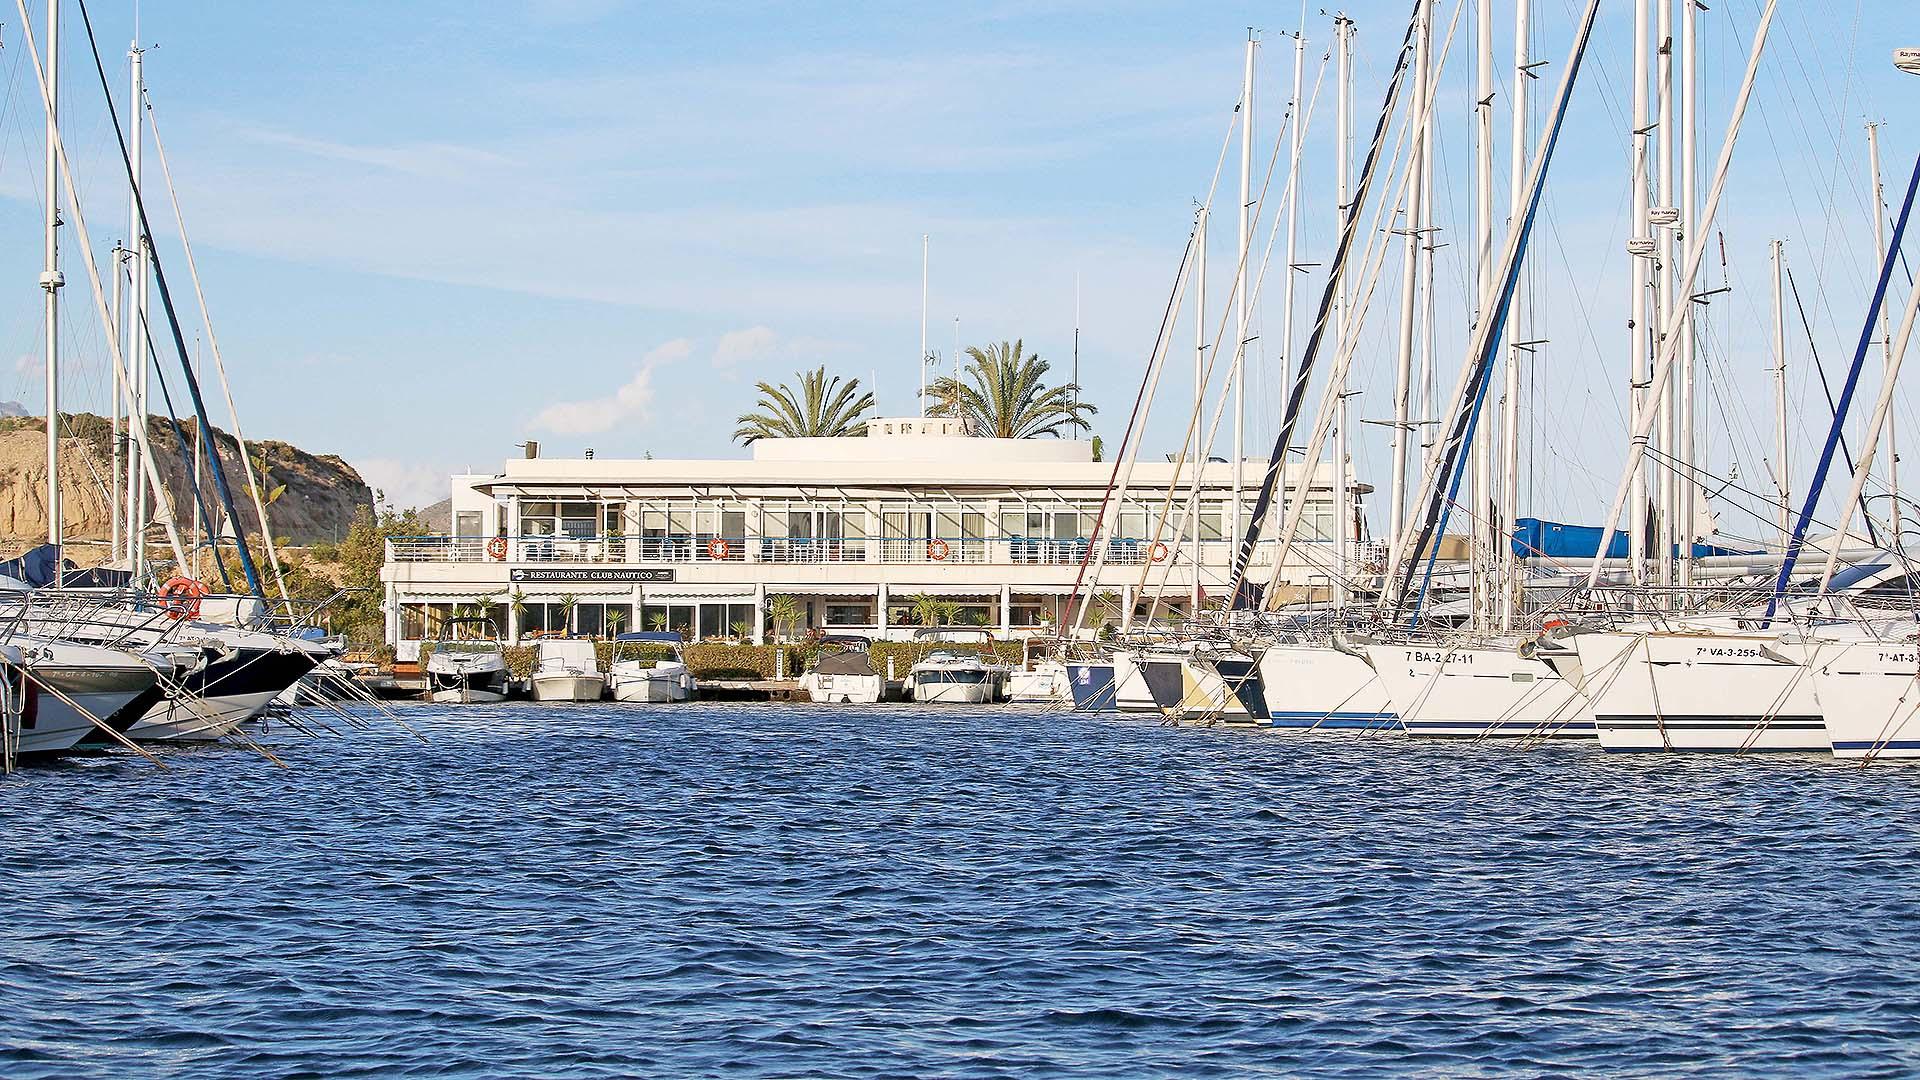 Somos mar, somos Club. Orígenes y visión CN Campello - Alicante